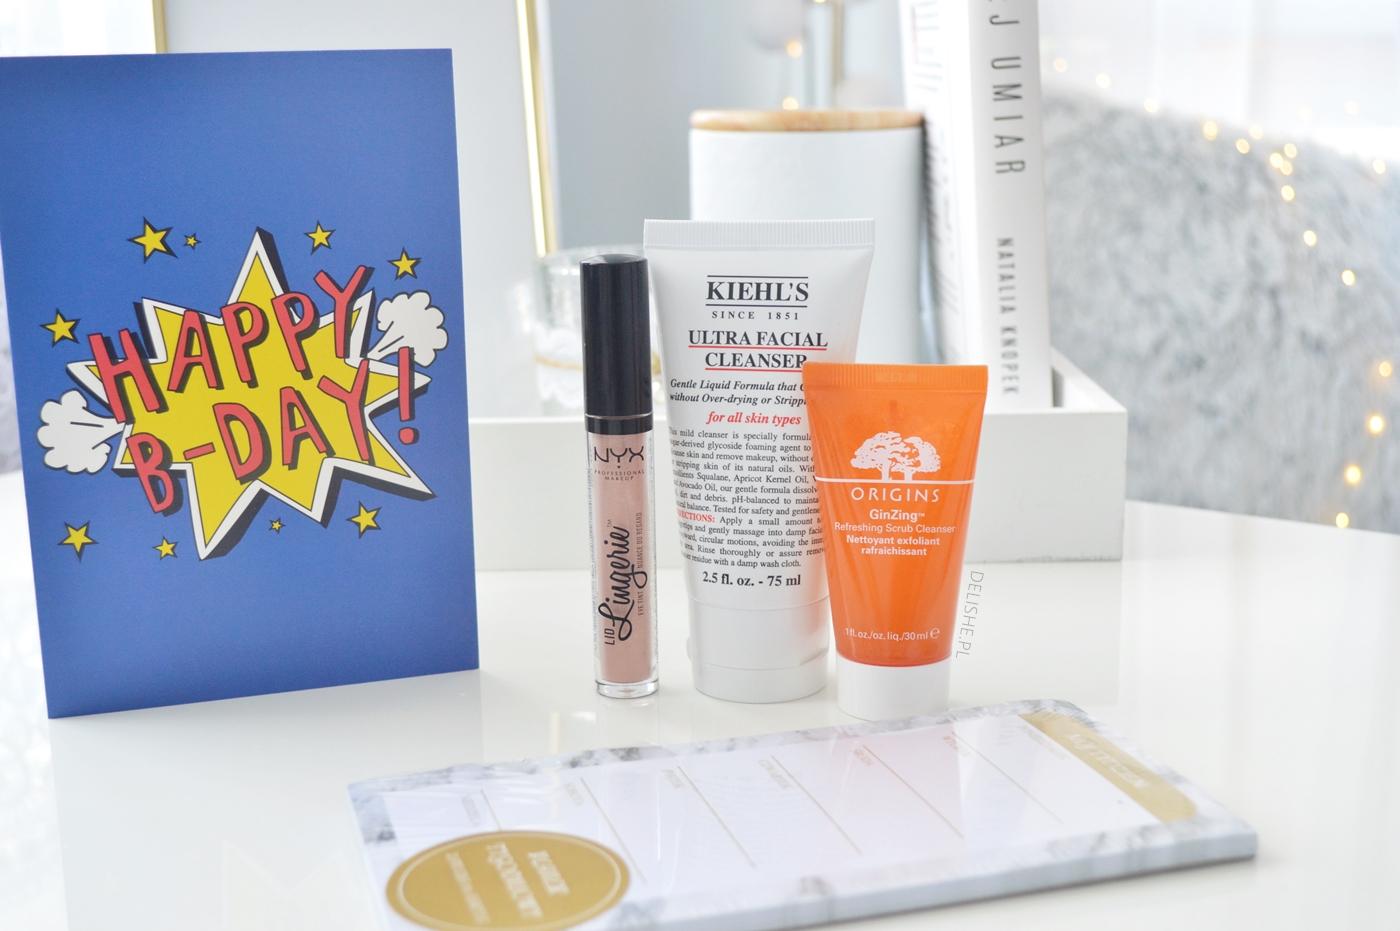 prezenty urodzinowe blog kosmetyki nyc, kiehl's, origins